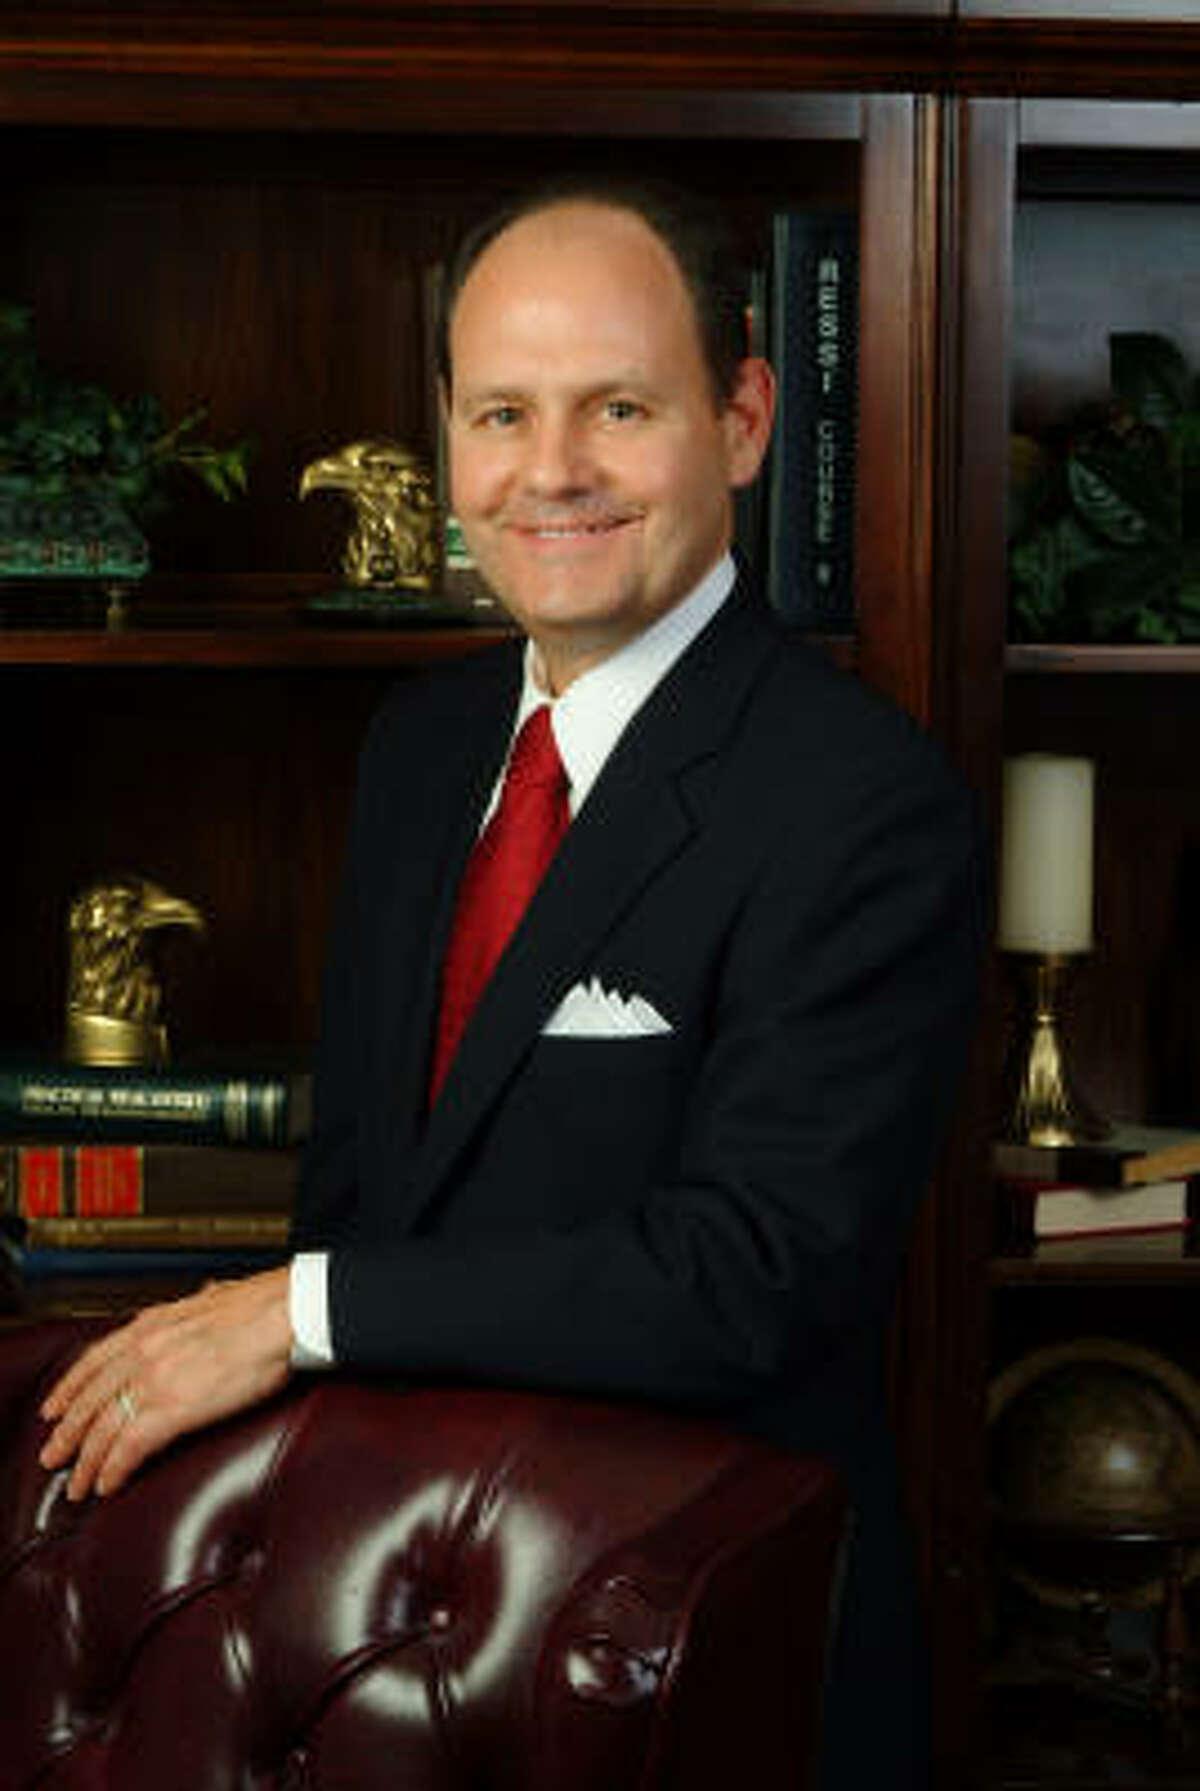 Allen Hartman was CEO of Hartman Commercial Properties.